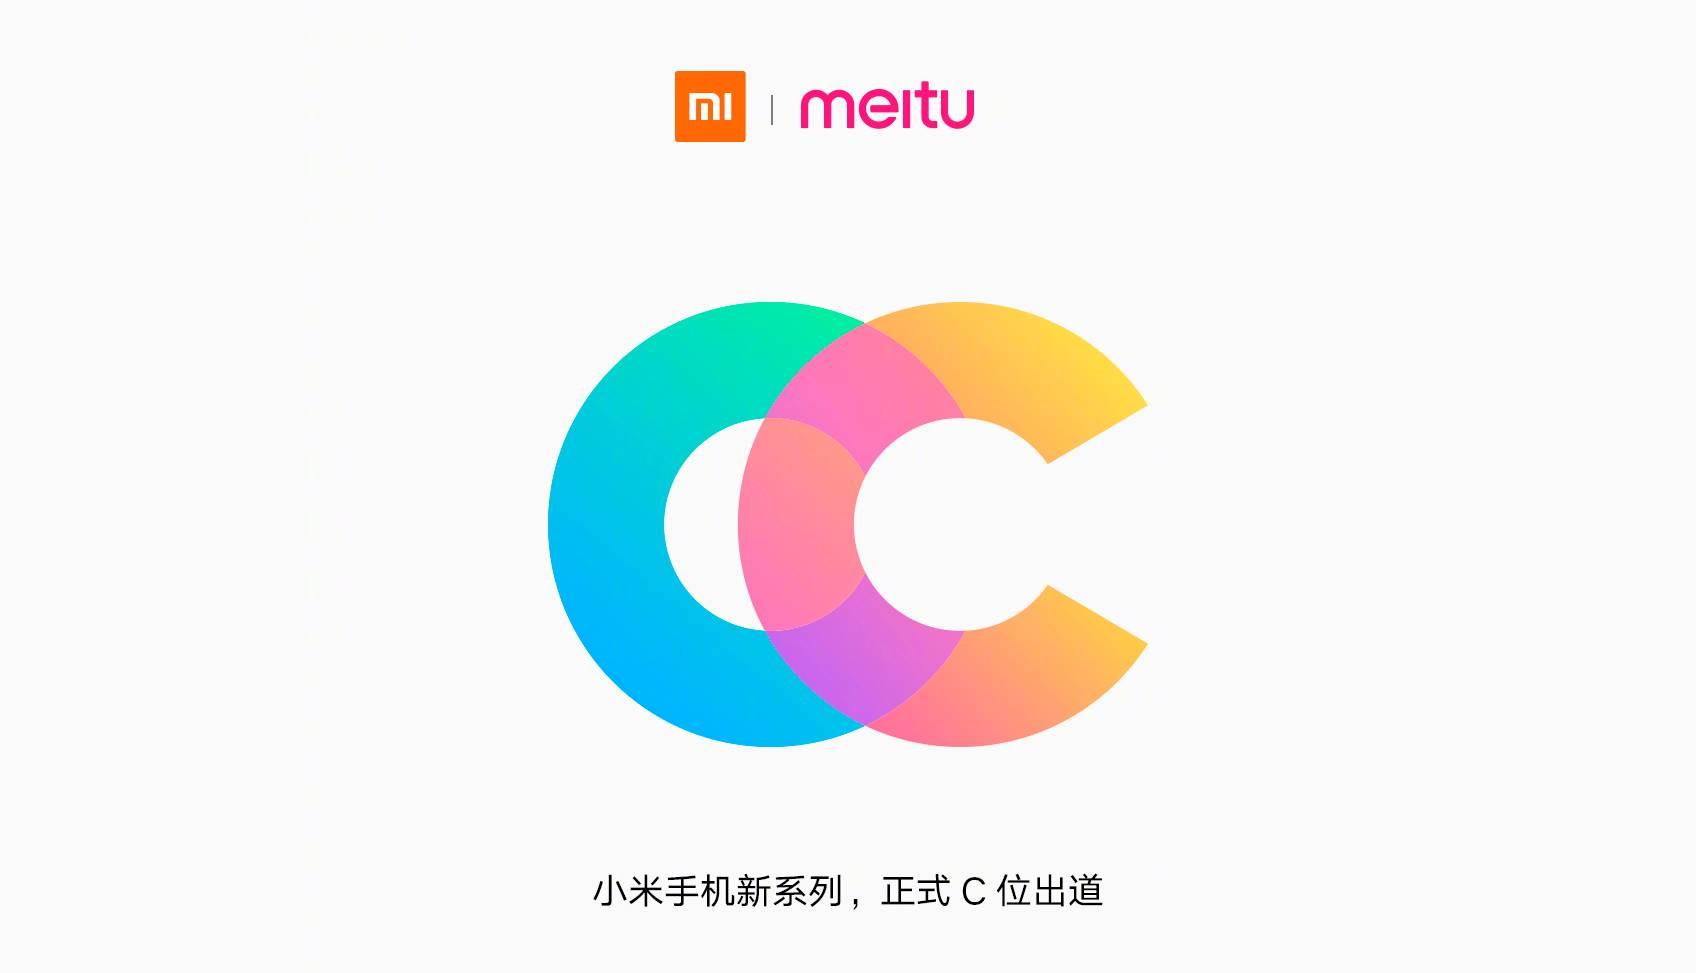 Xiaomi Color Creative CC Logo